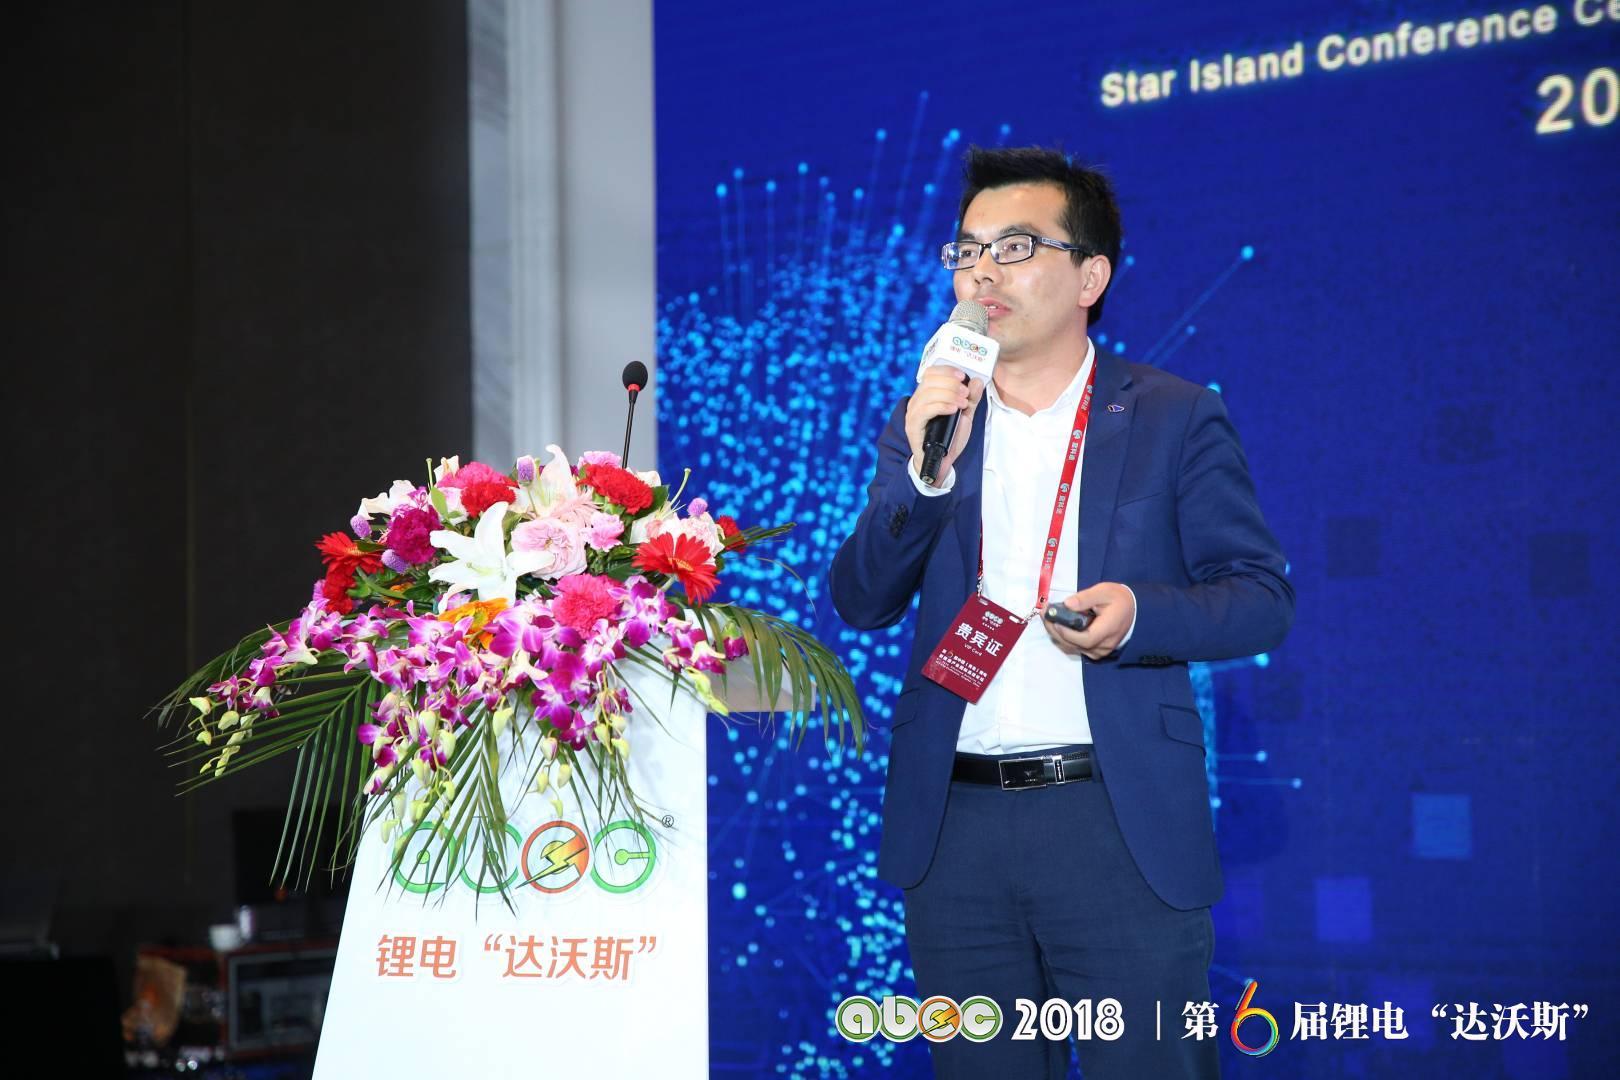 伊维经济研究院副院长、中关村新型电池技术创新联盟理事吴辉